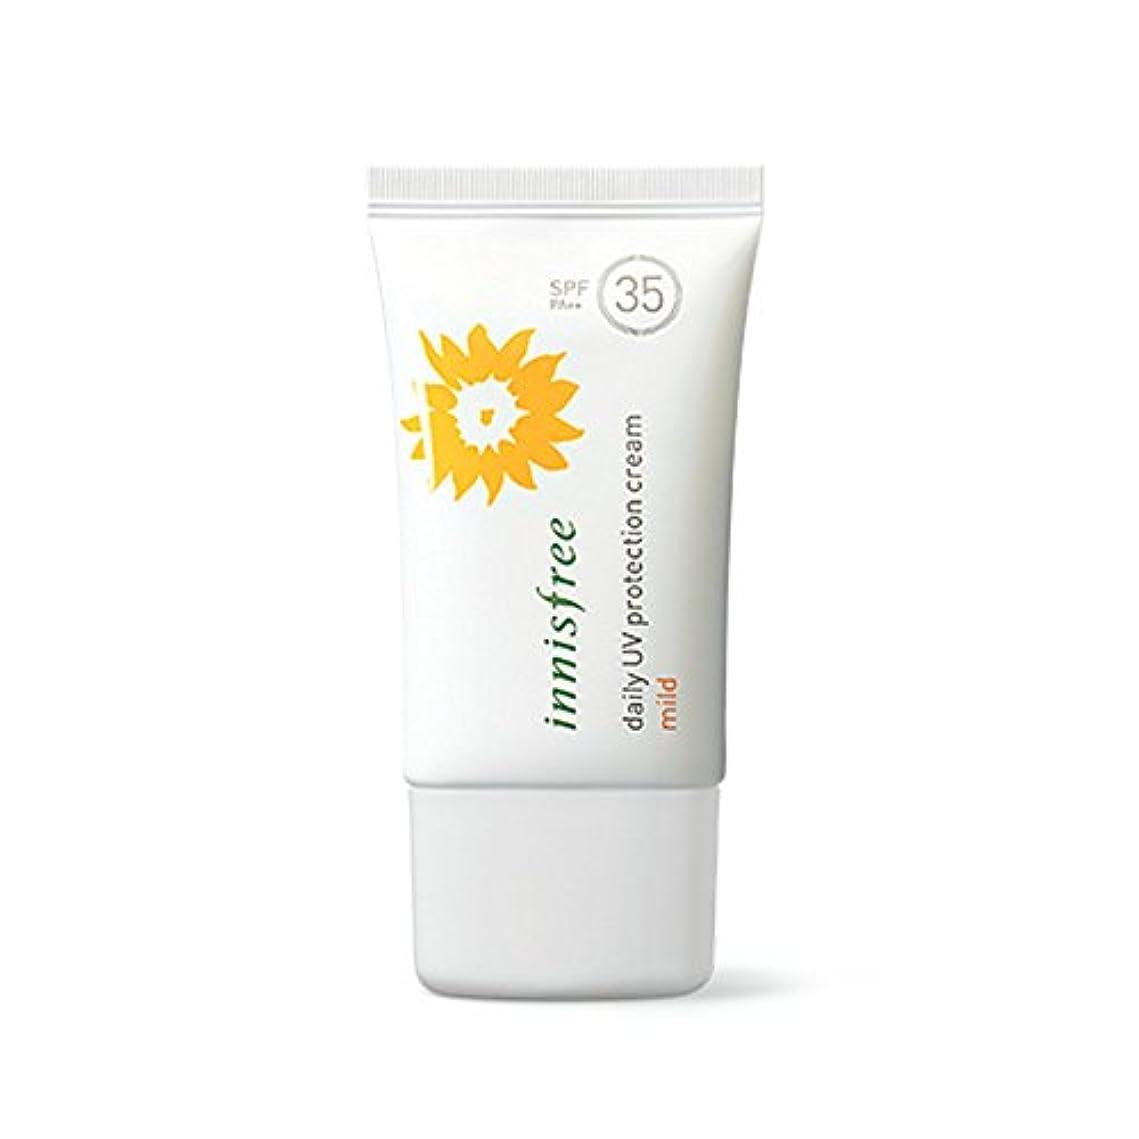 拮抗程度タンクイニスフリーデイリーUVプロテクションクリーム50mlマイルドSPF35 + PA ++ Innisfree Daily UV Protection Cream 50ml Mild SPF35+ PA++ [海外直送品]...